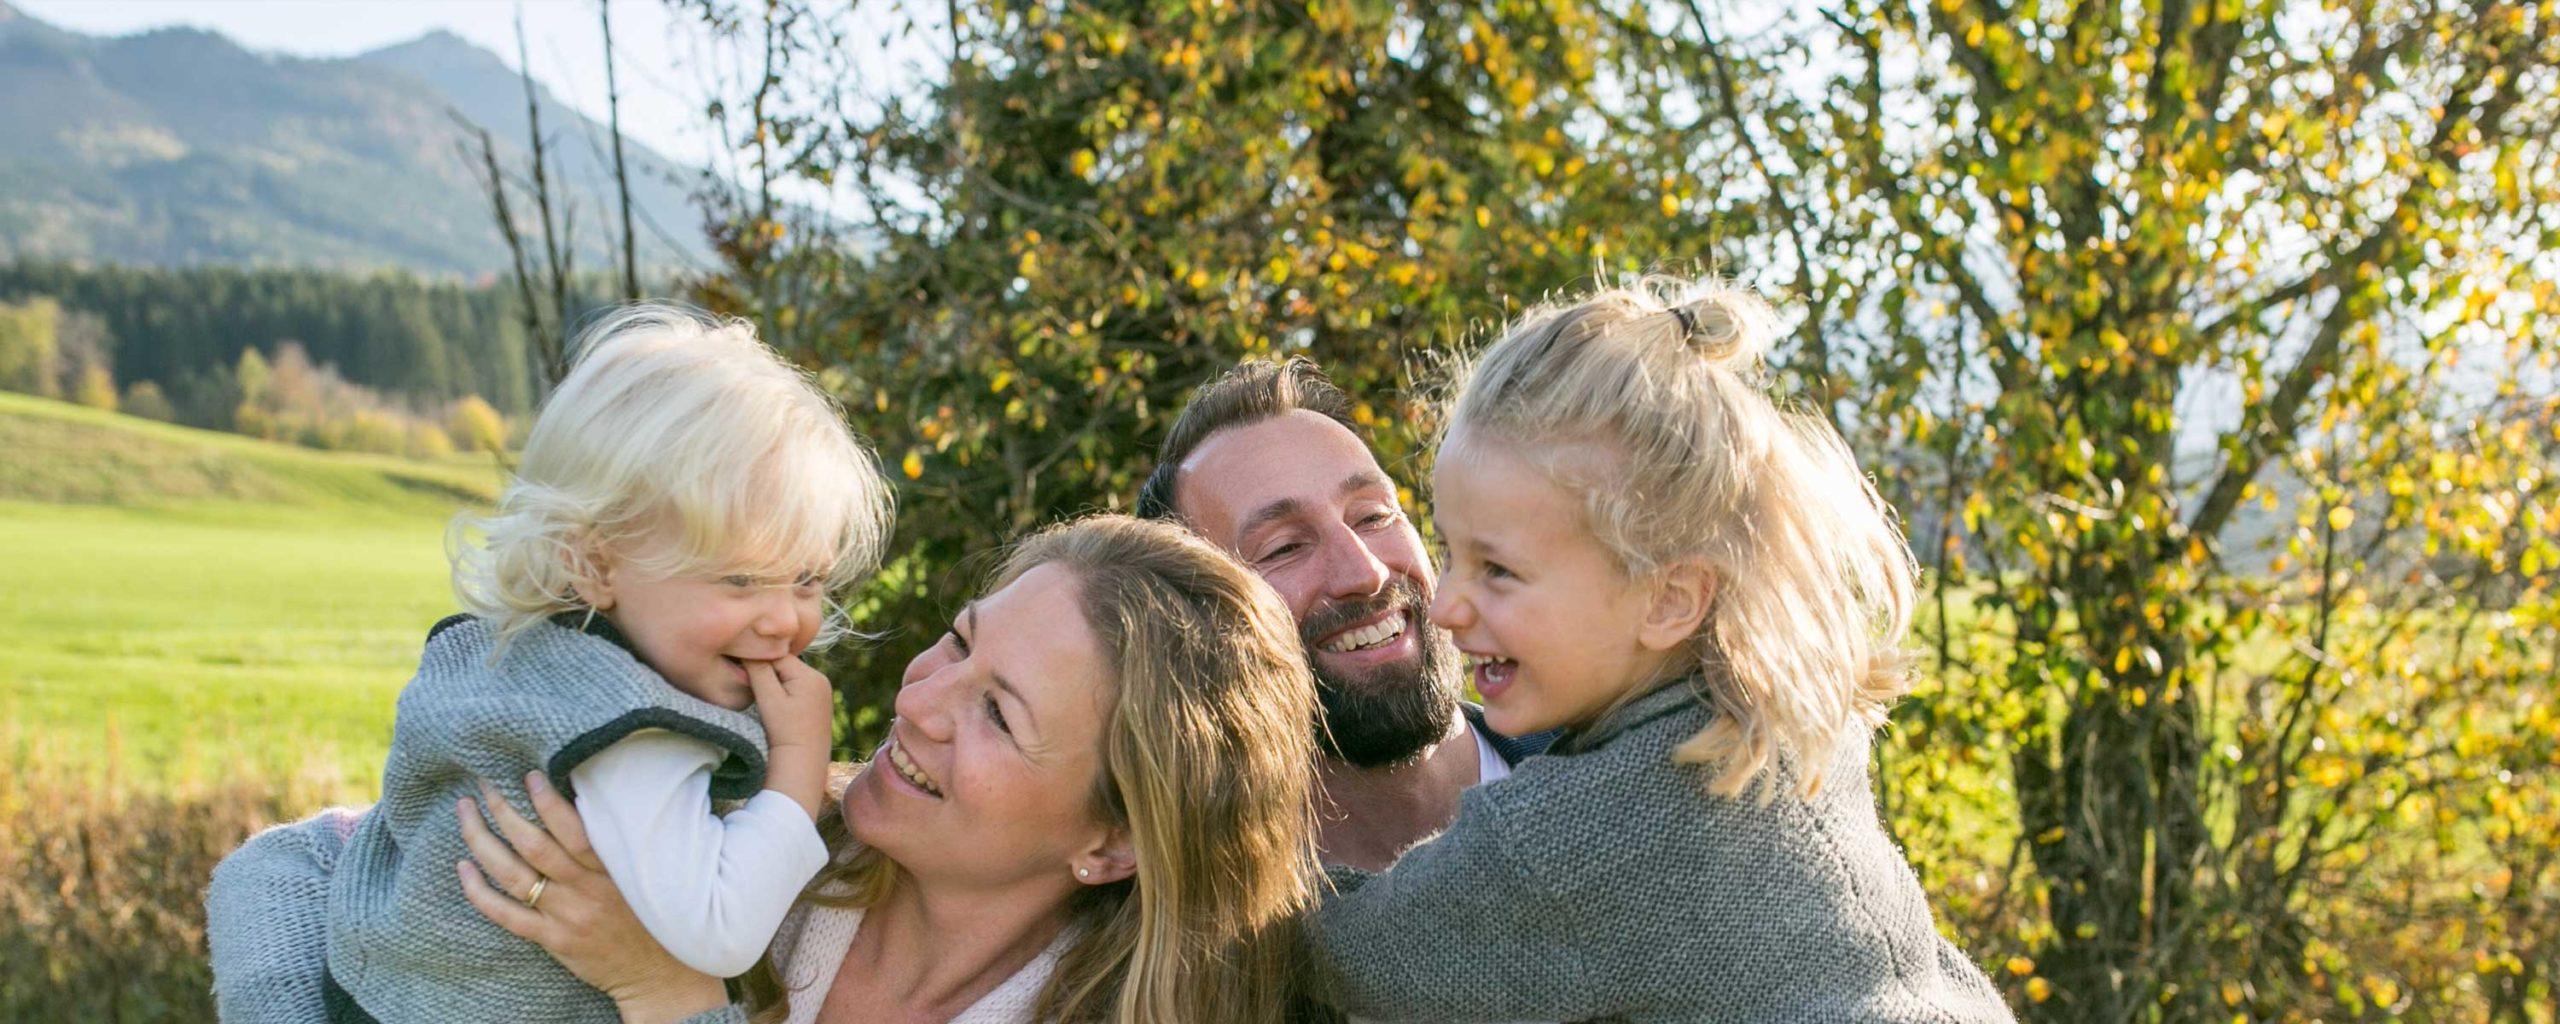 Familienbilder in den Bergen, Bayern, Alpen, Chiemgau